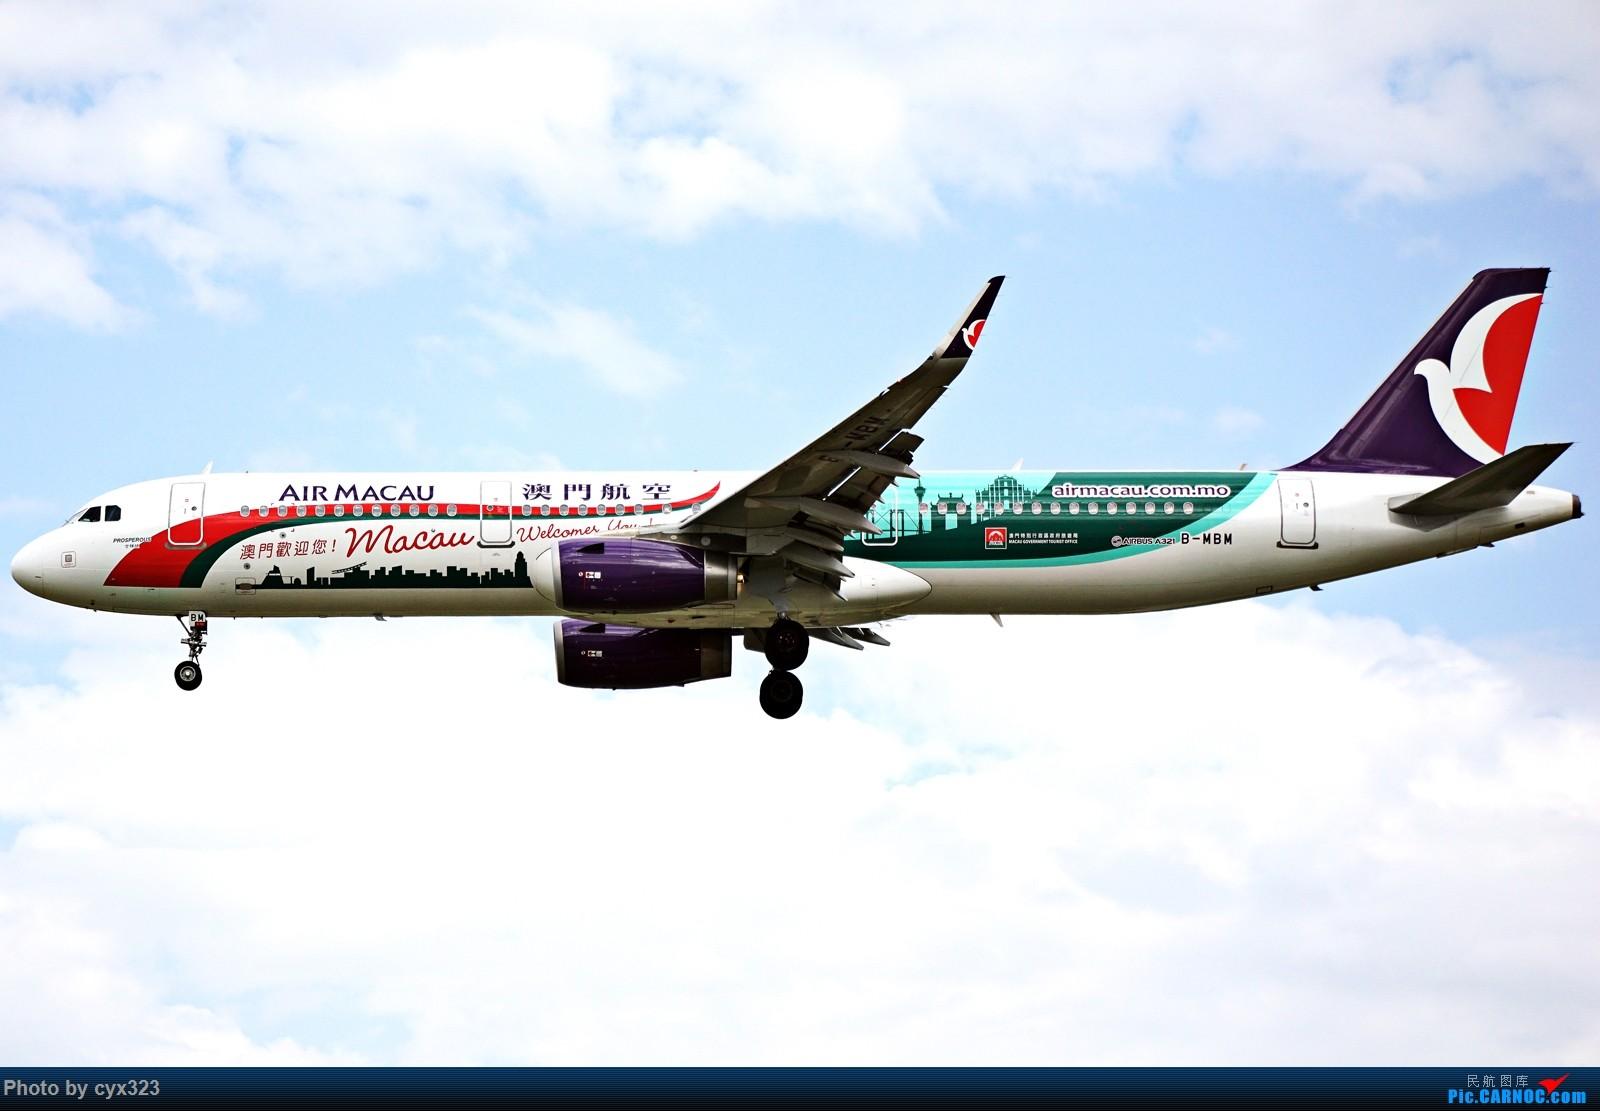 Re:[原创]***1600×1067***一组7图 AIRBUS A321-200 B-MBM 中国北京首都国际机场